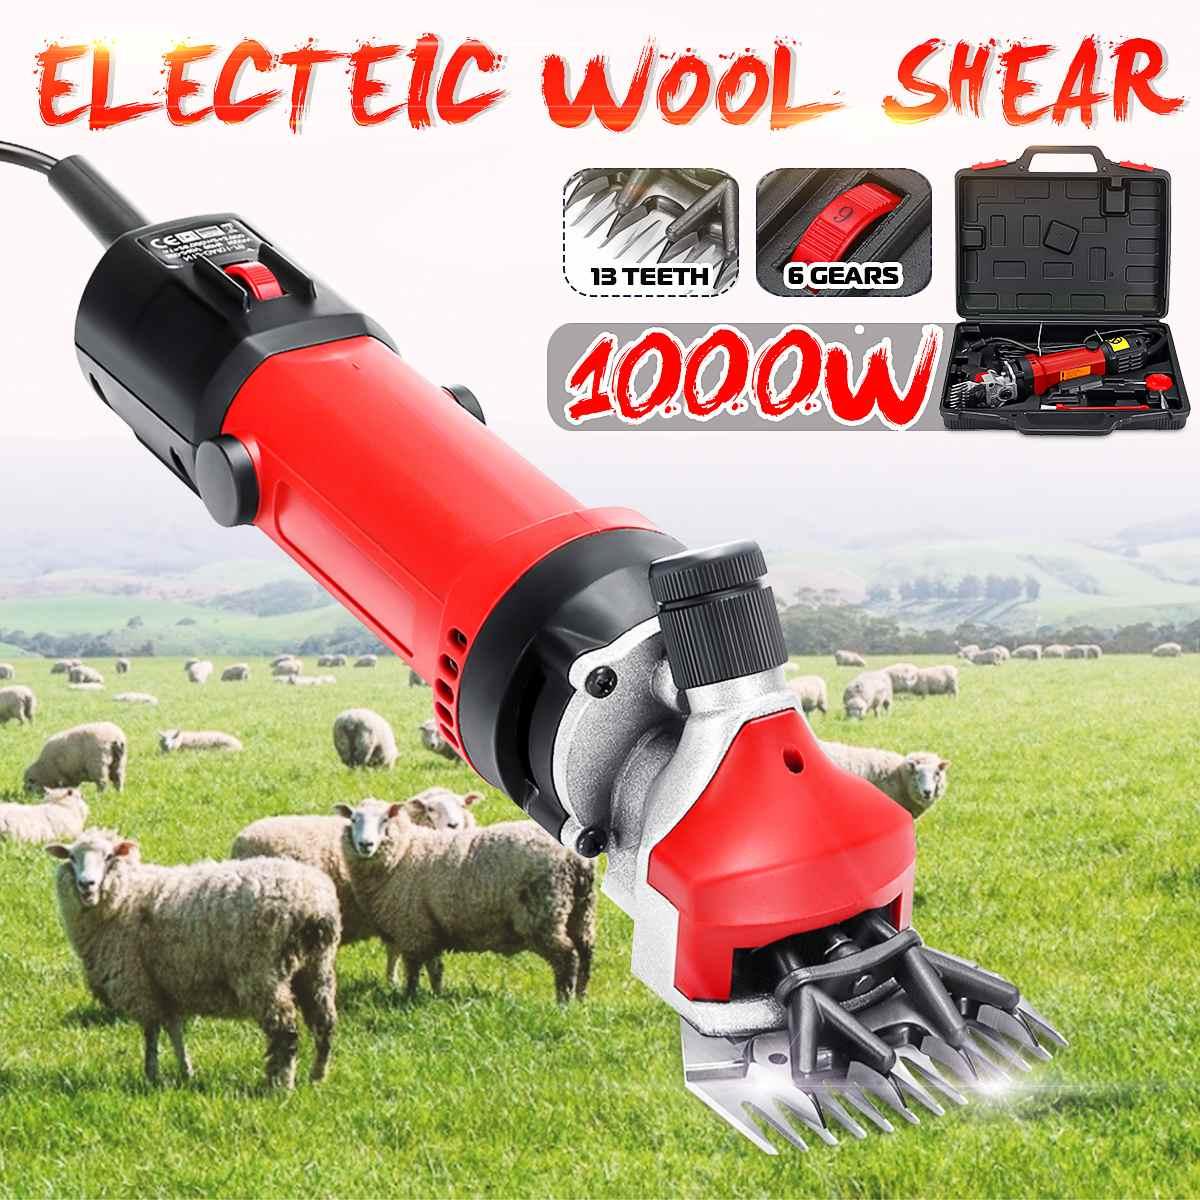 1000W 110V/220V 6 engranajes velocidad 13 dientes eléctrico oveja cabra cizalla cortadora granja tijeras de lana máquina de corte